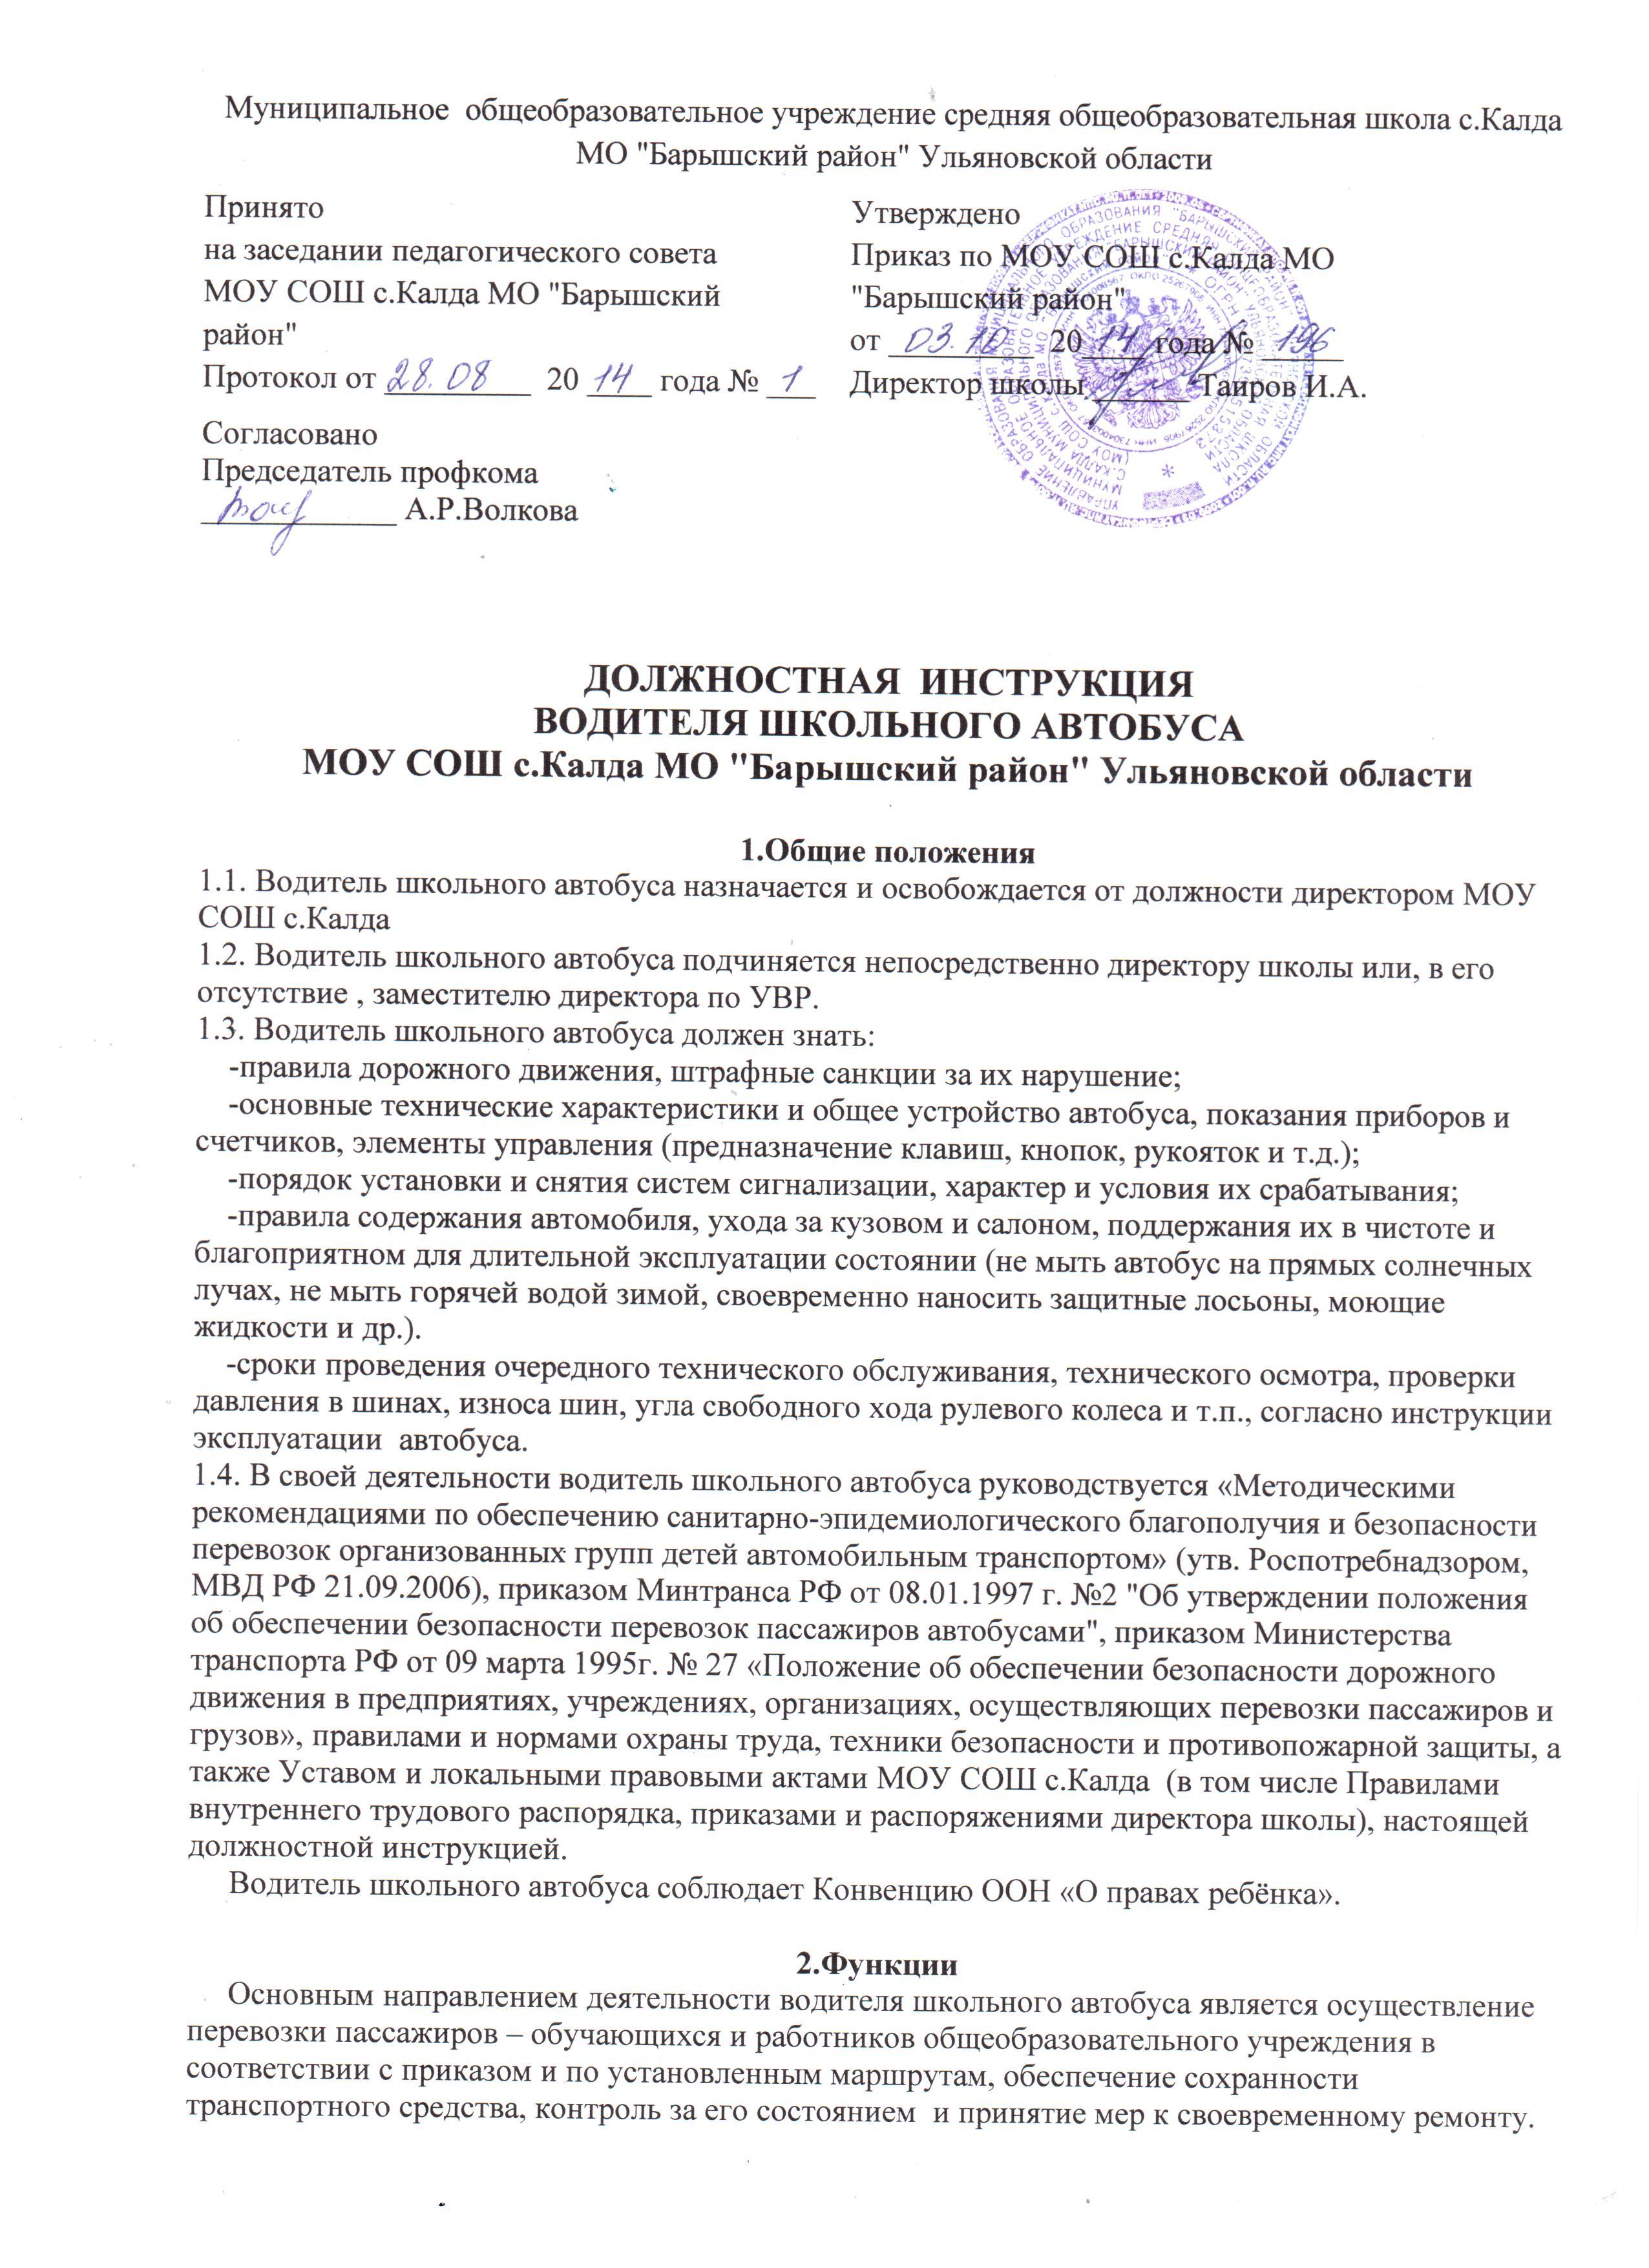 Водитель фирмы должностная инструкция - e-mexx.ru